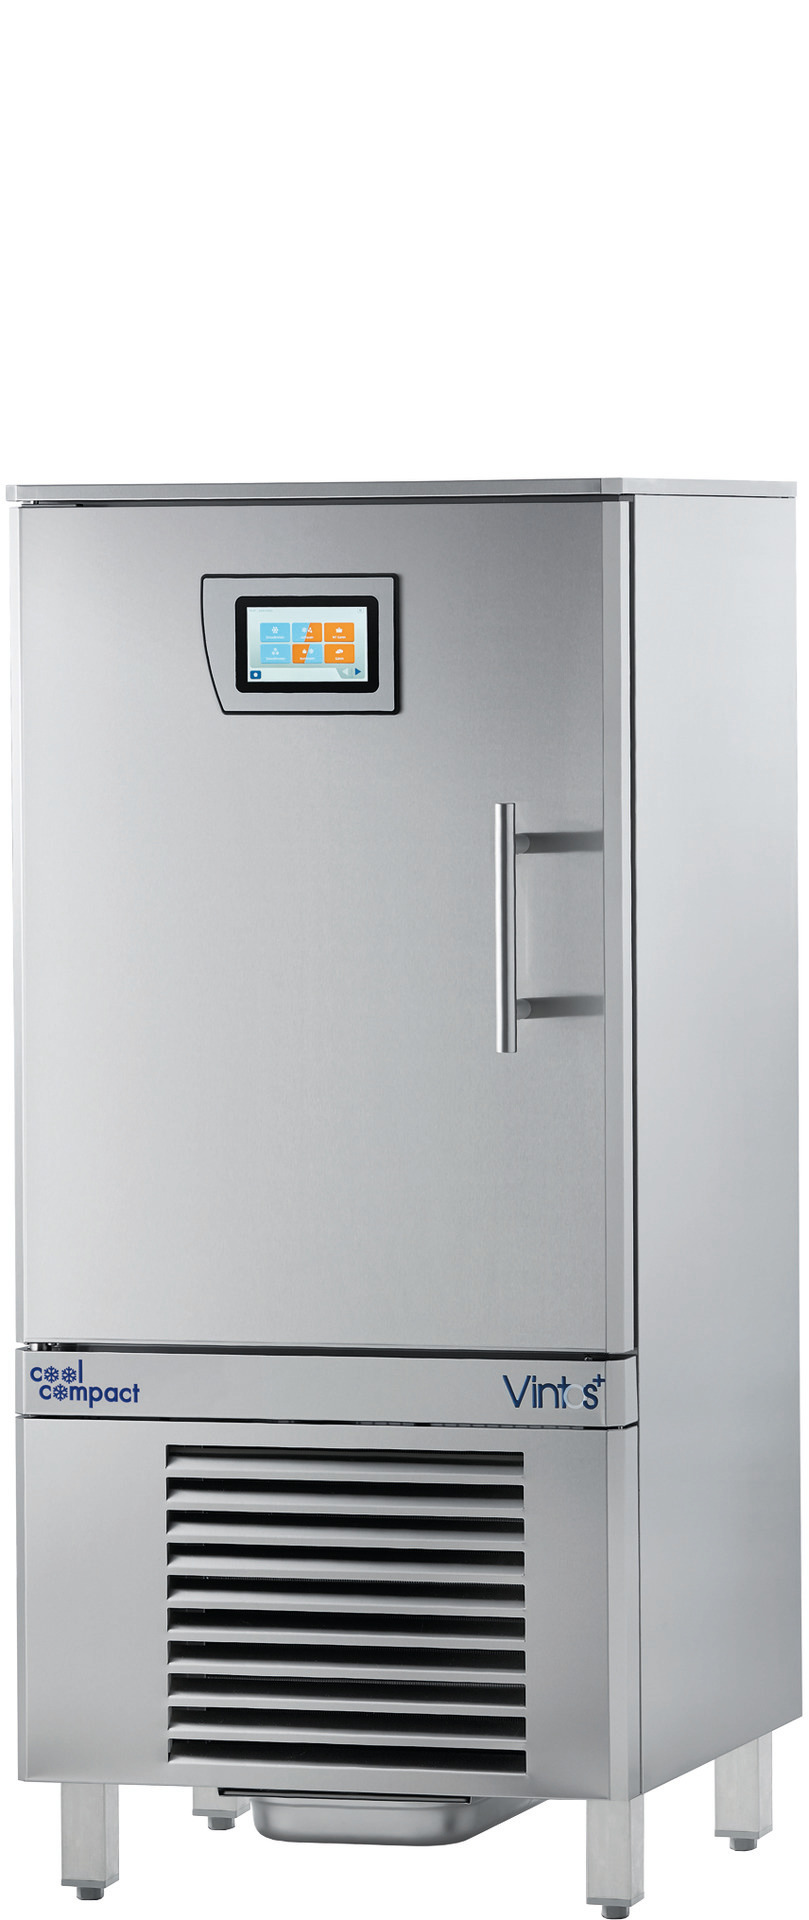 Schnellkühler / Schockfroster 10x GN 1/1 Quereinschub / zentralgekühlt